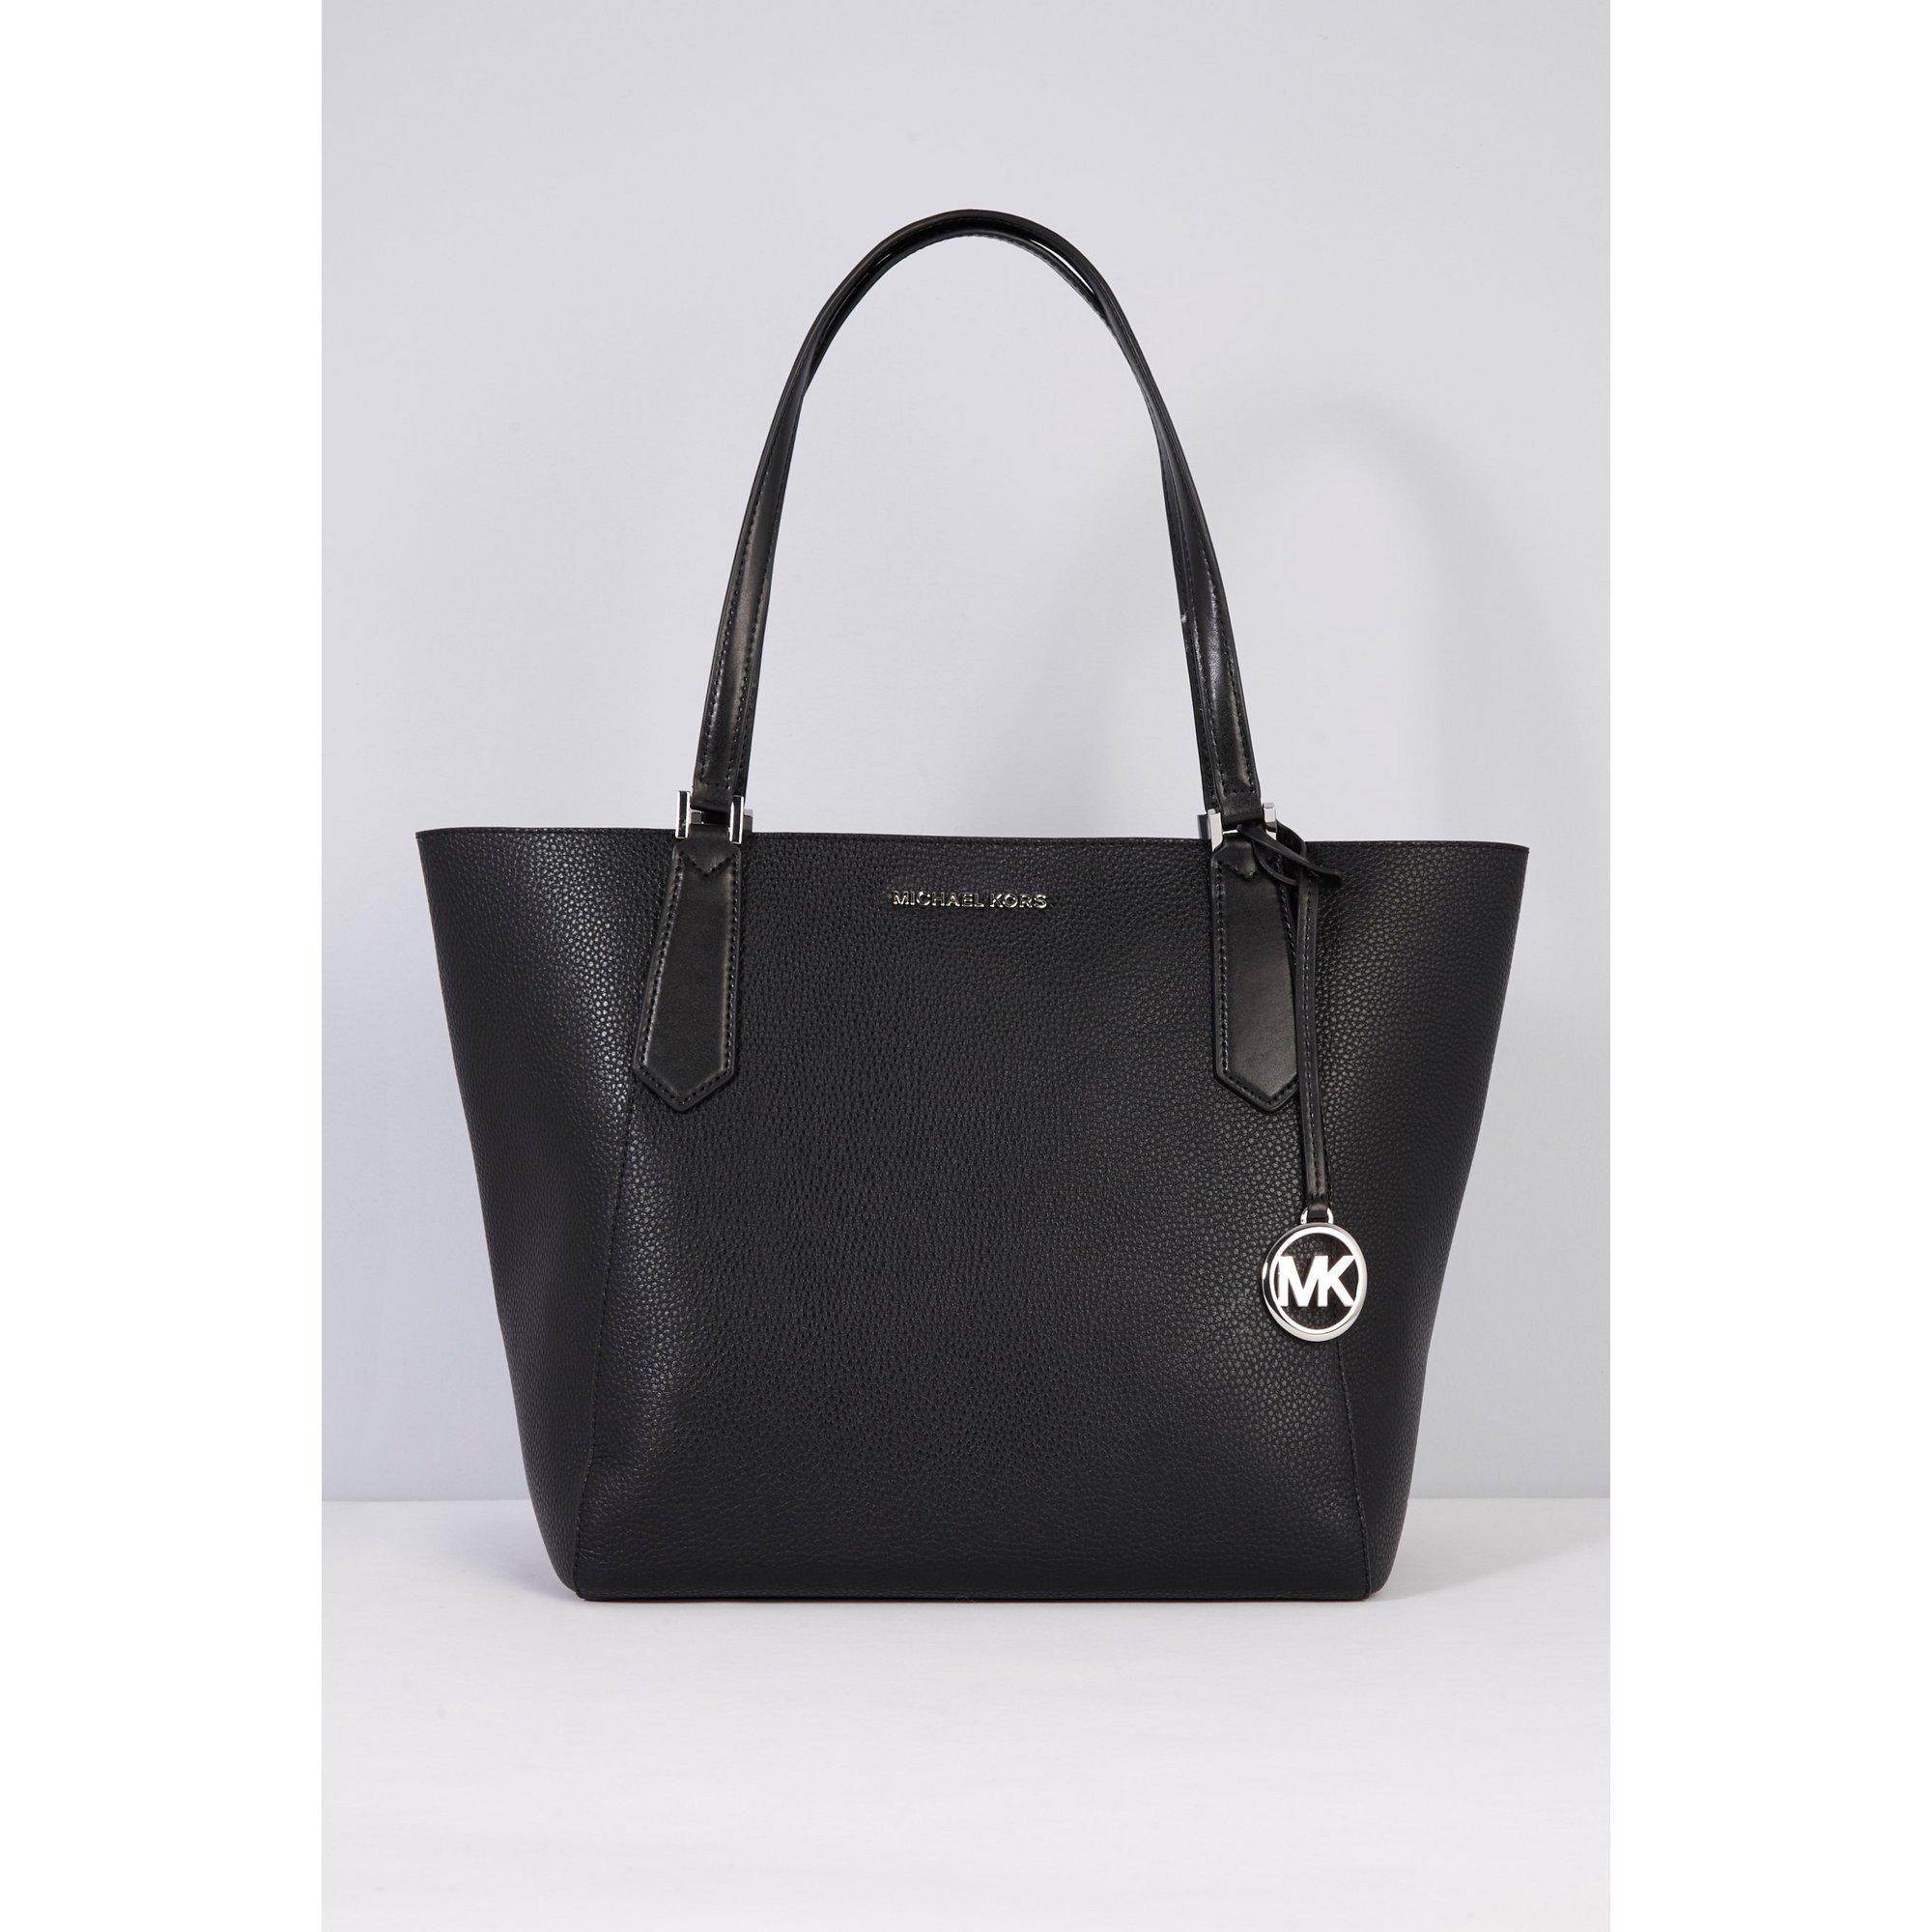 Image of Michael Kors Black Kimberly Leather Tote Bag